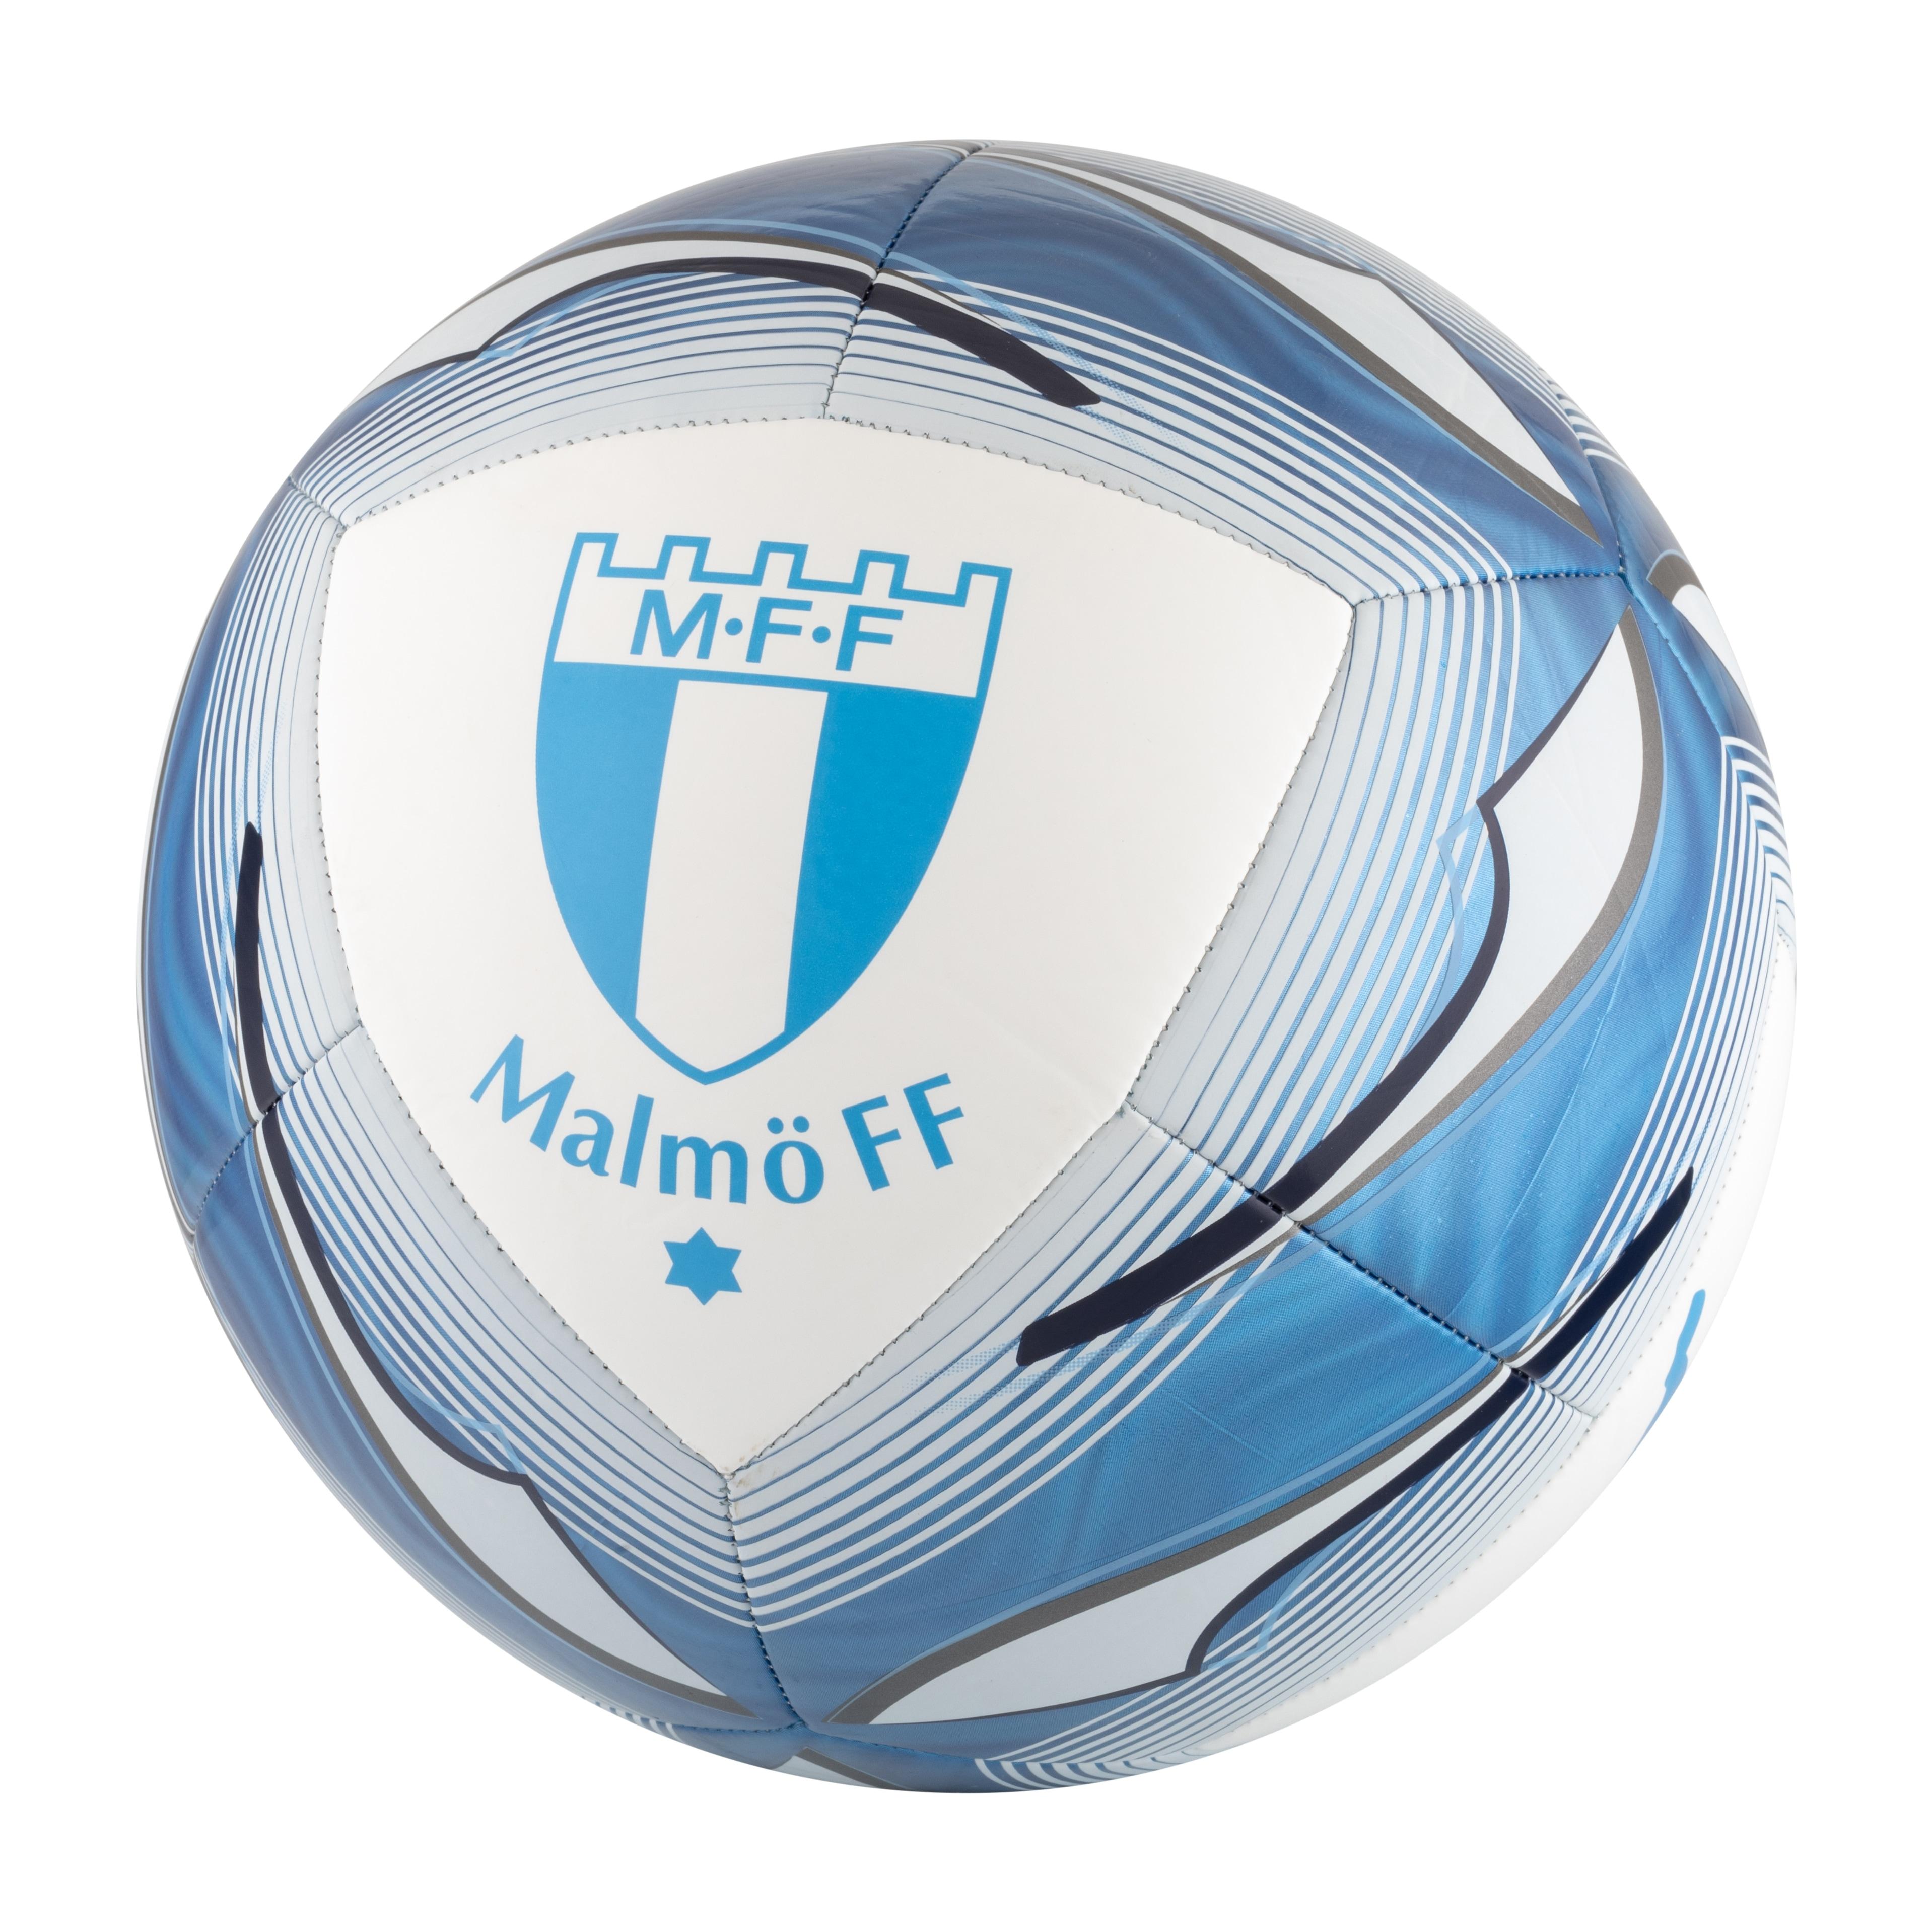 Fotboll Puma/MFF Icon